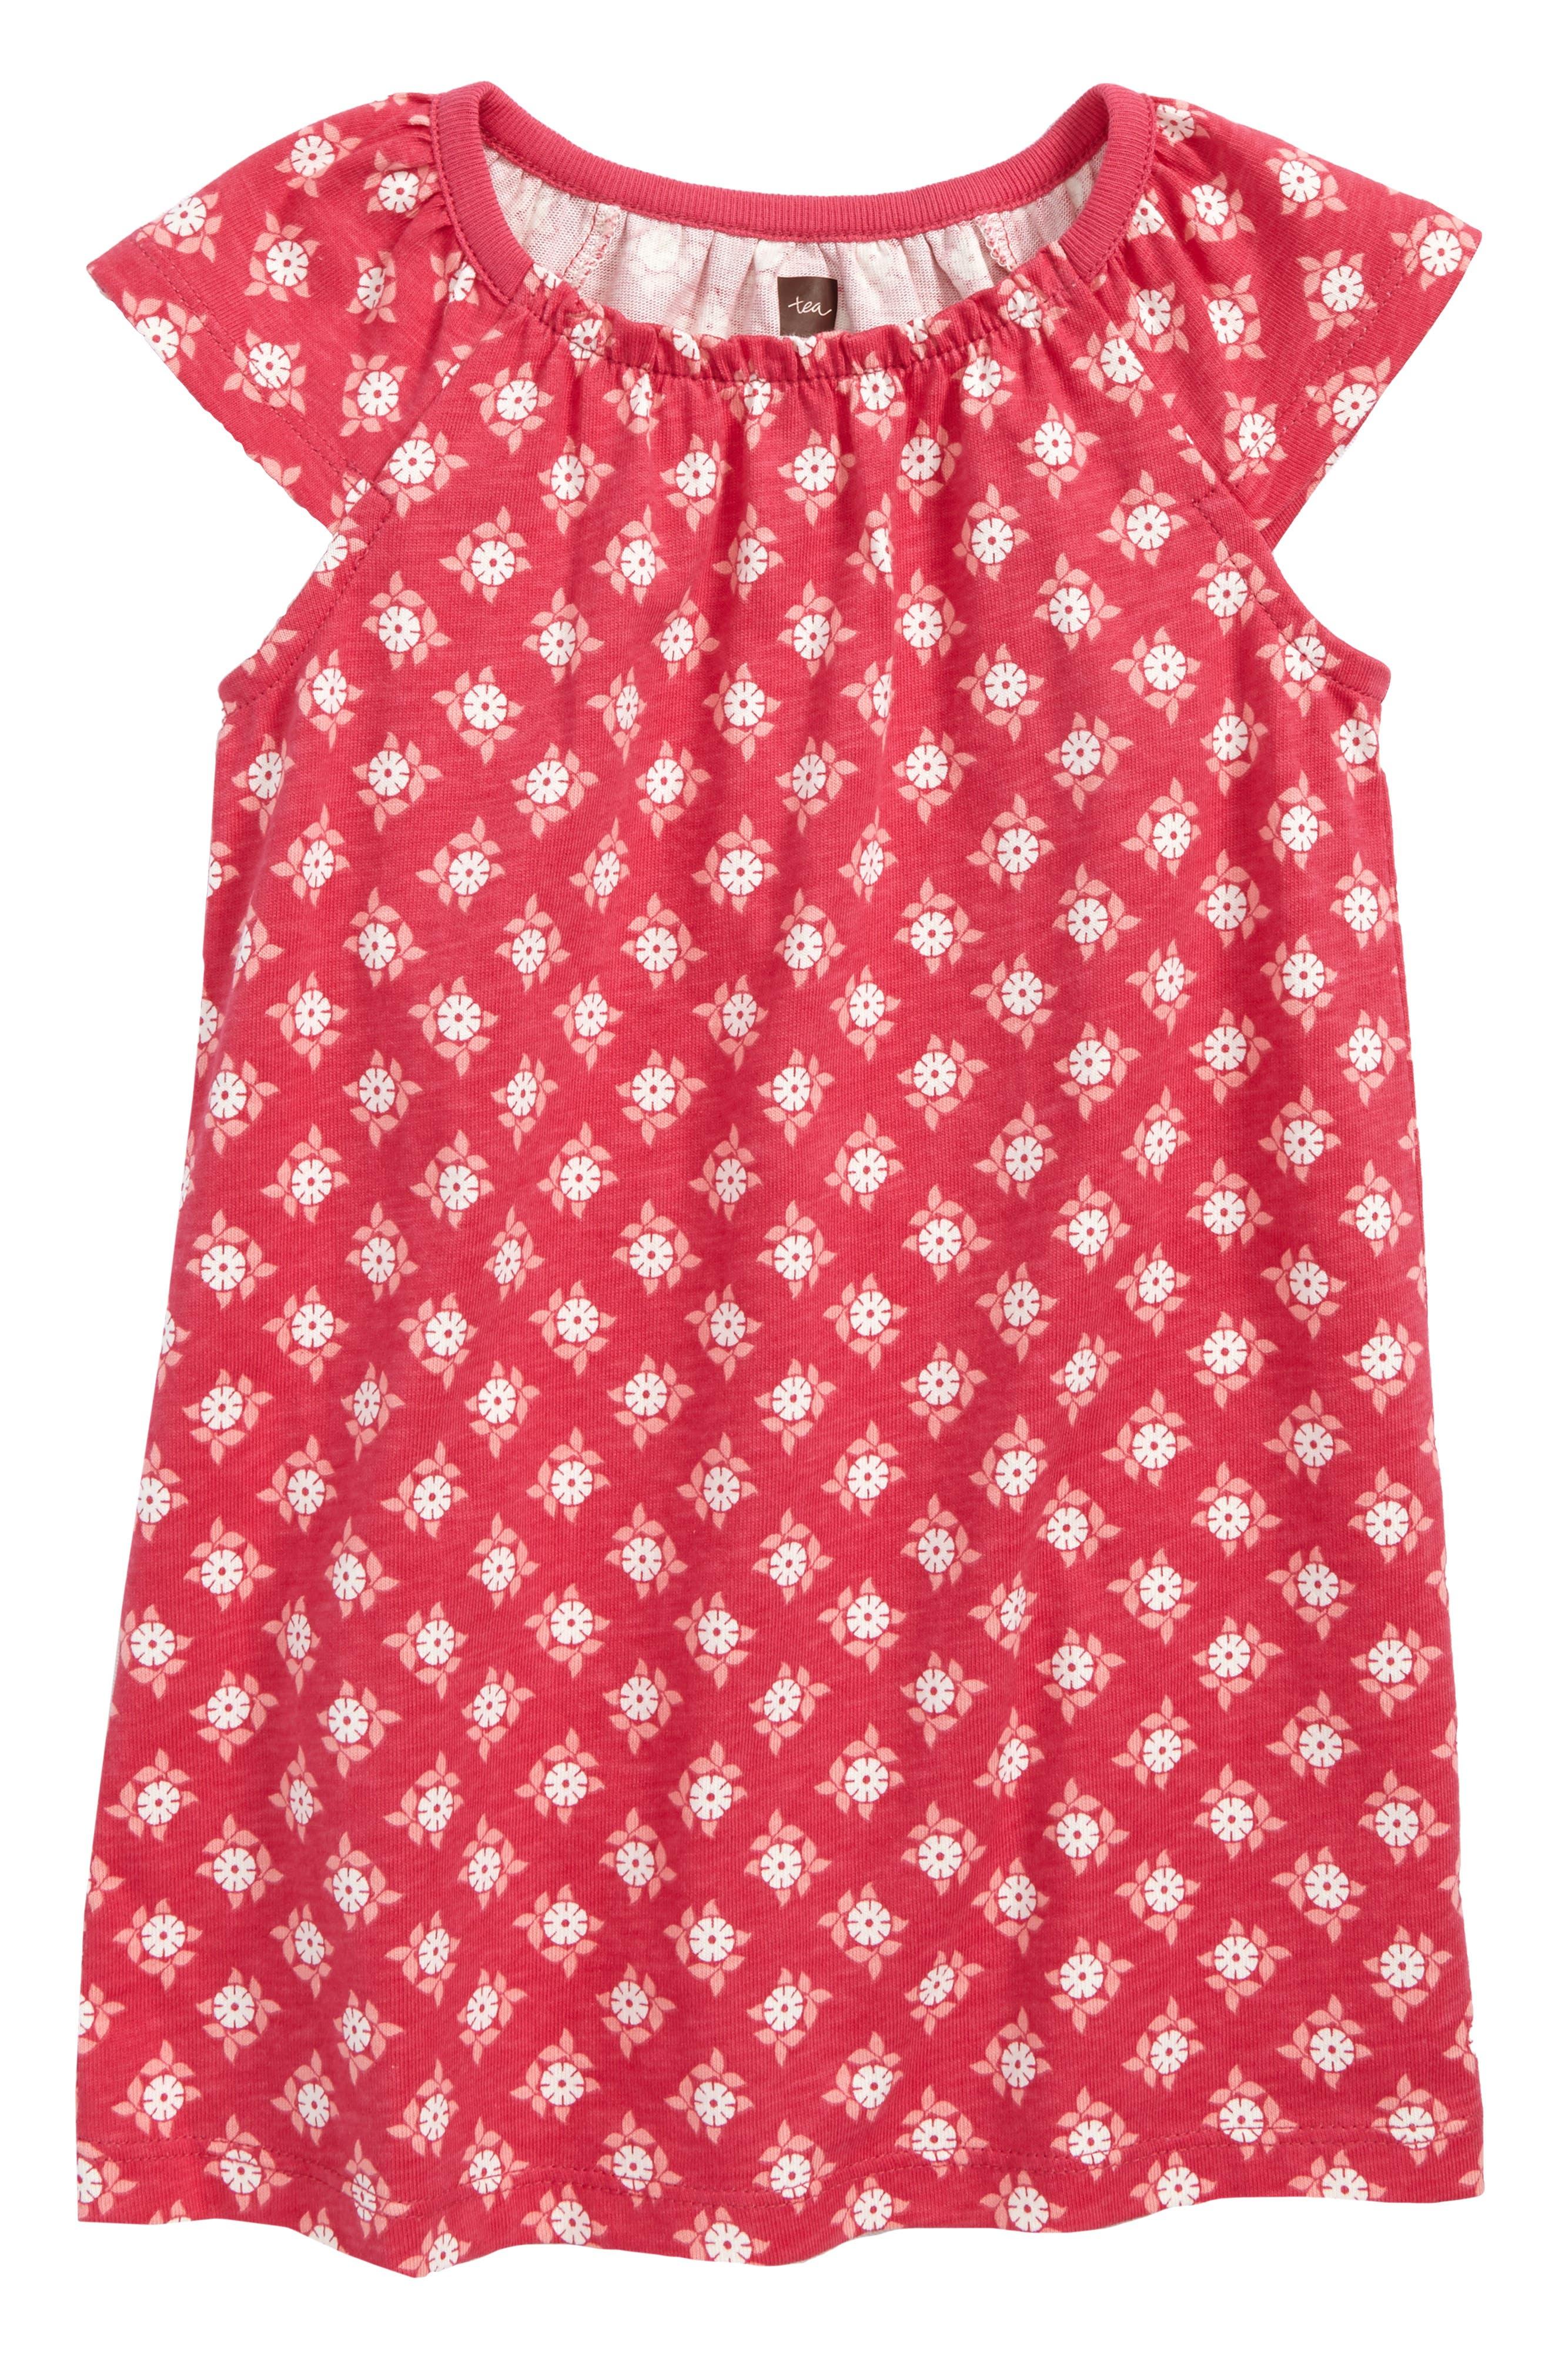 Sunburst Dress,                             Main thumbnail 1, color,                             658